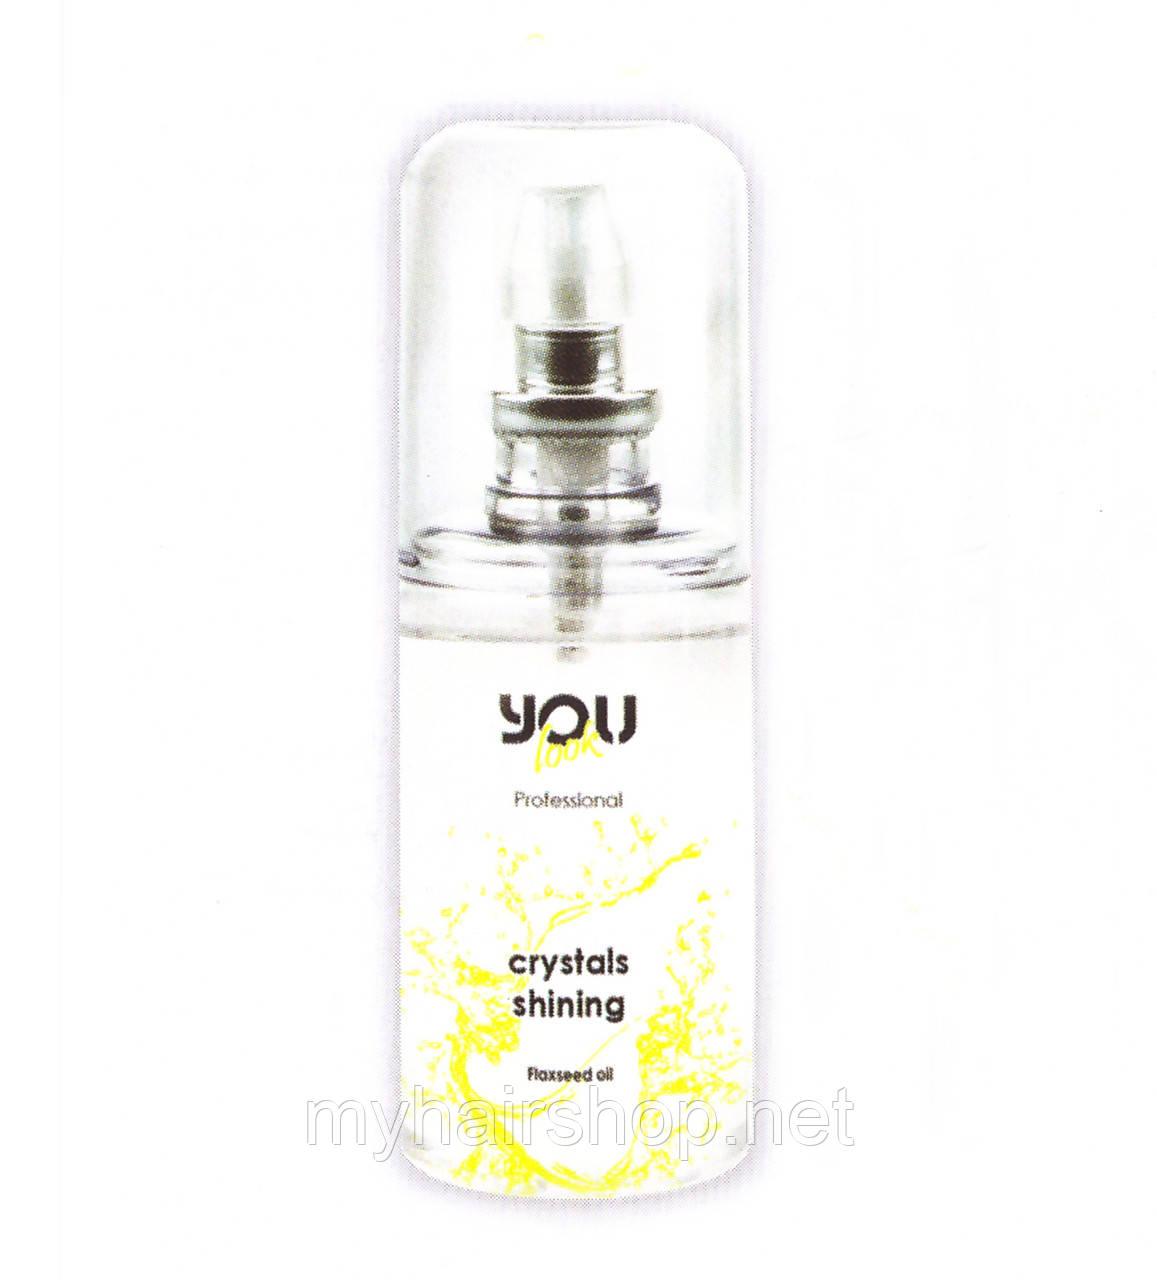 Жидкие кристаллы для посеченных кончиков YOU LOOK Professional Crystal Shining 80 мл